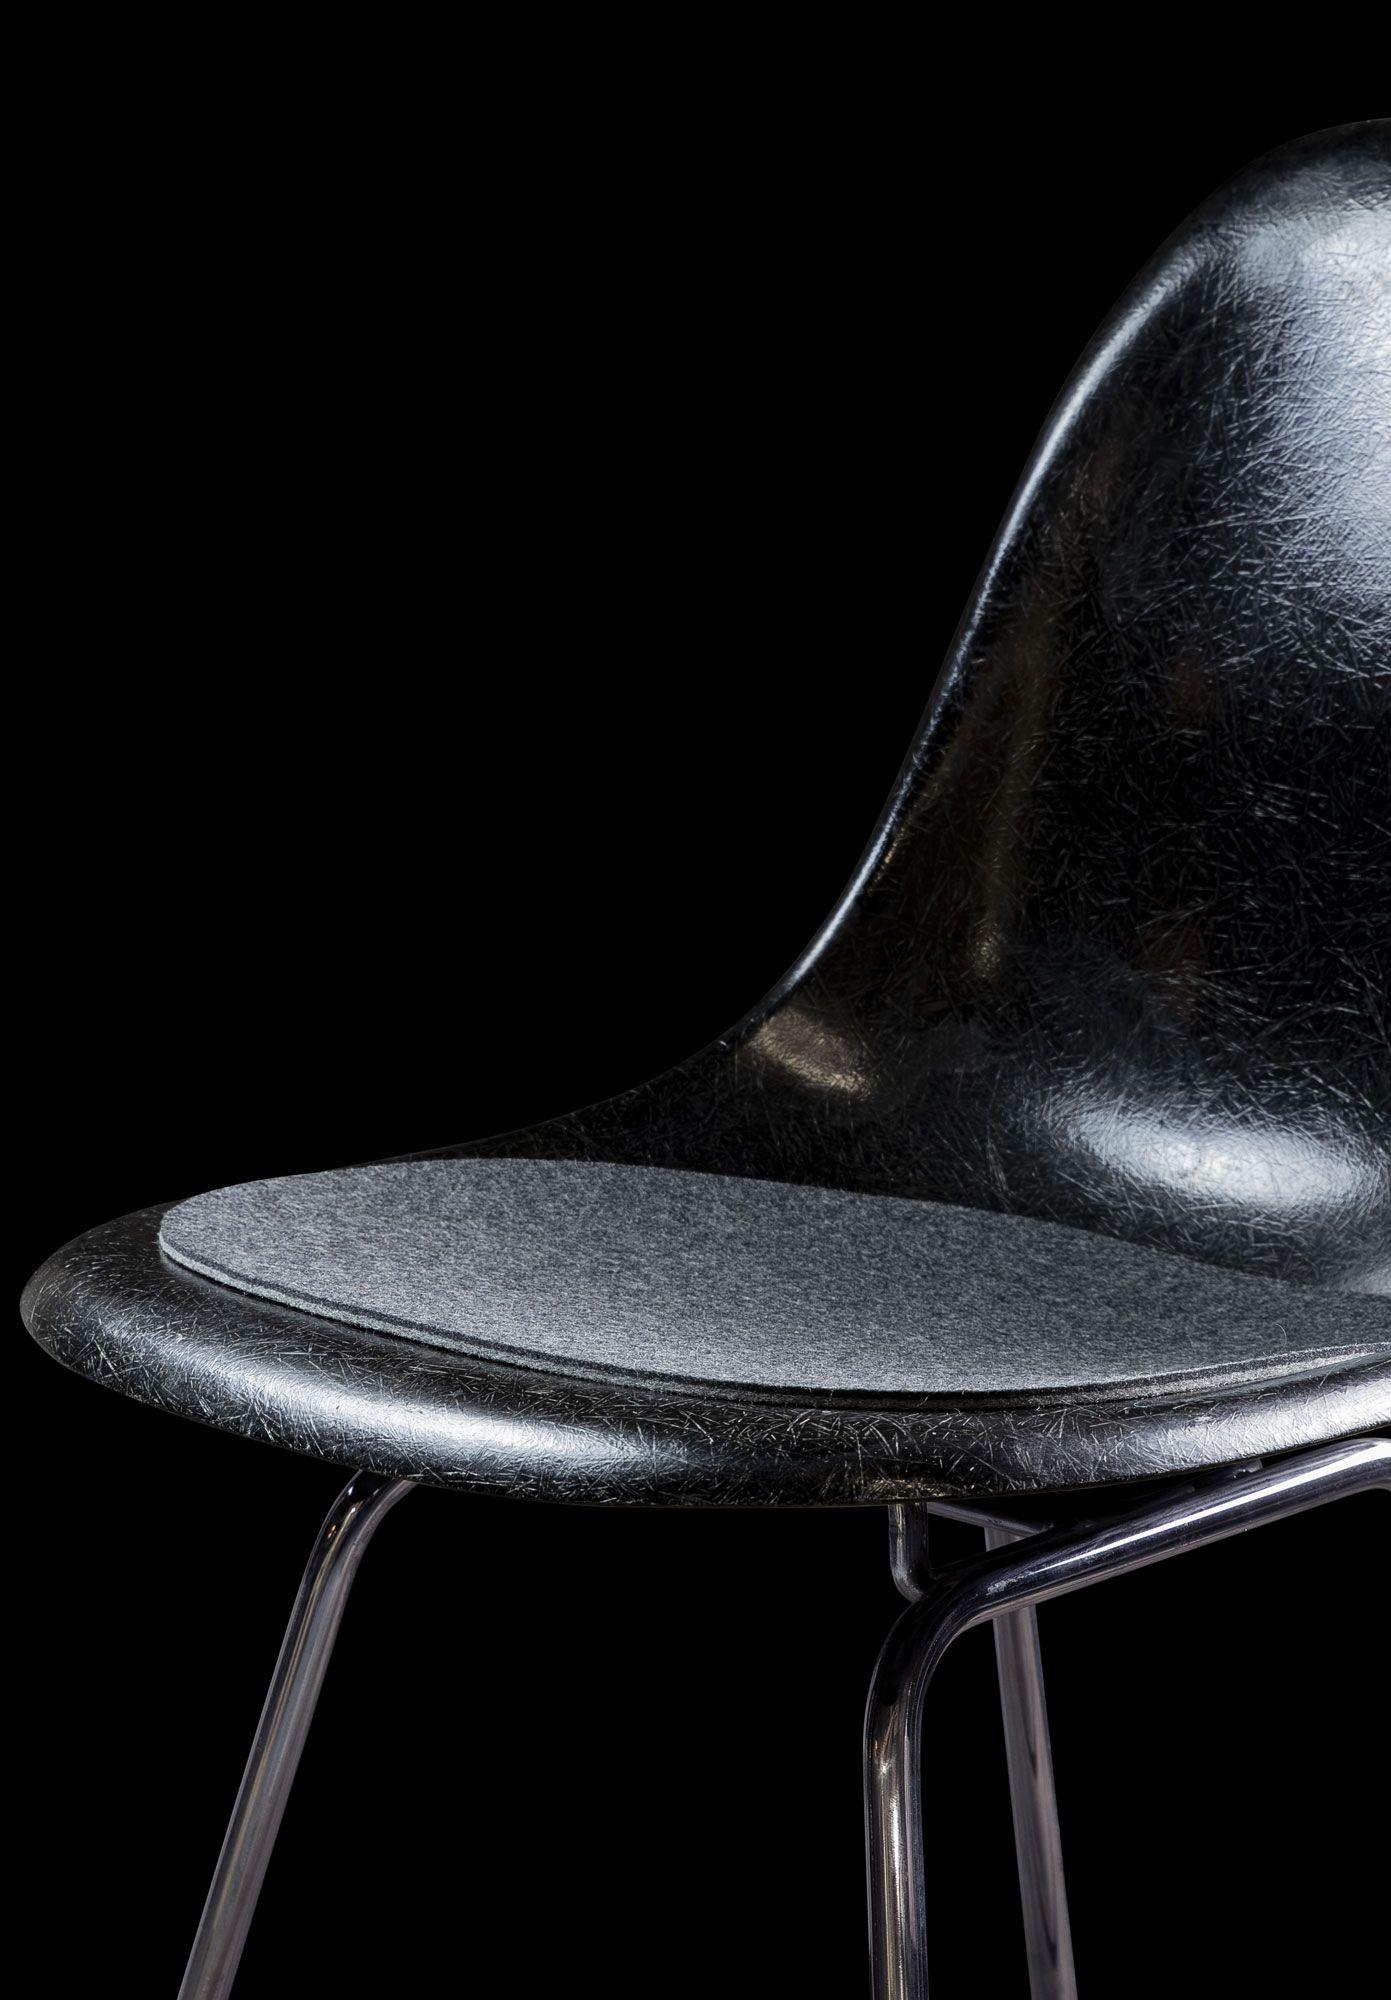 Seatpad For Eames Chair Black Eames Chair Seatpad Sitzauflage Schwarz Sitzauflagen Eames Stuhlauflagen